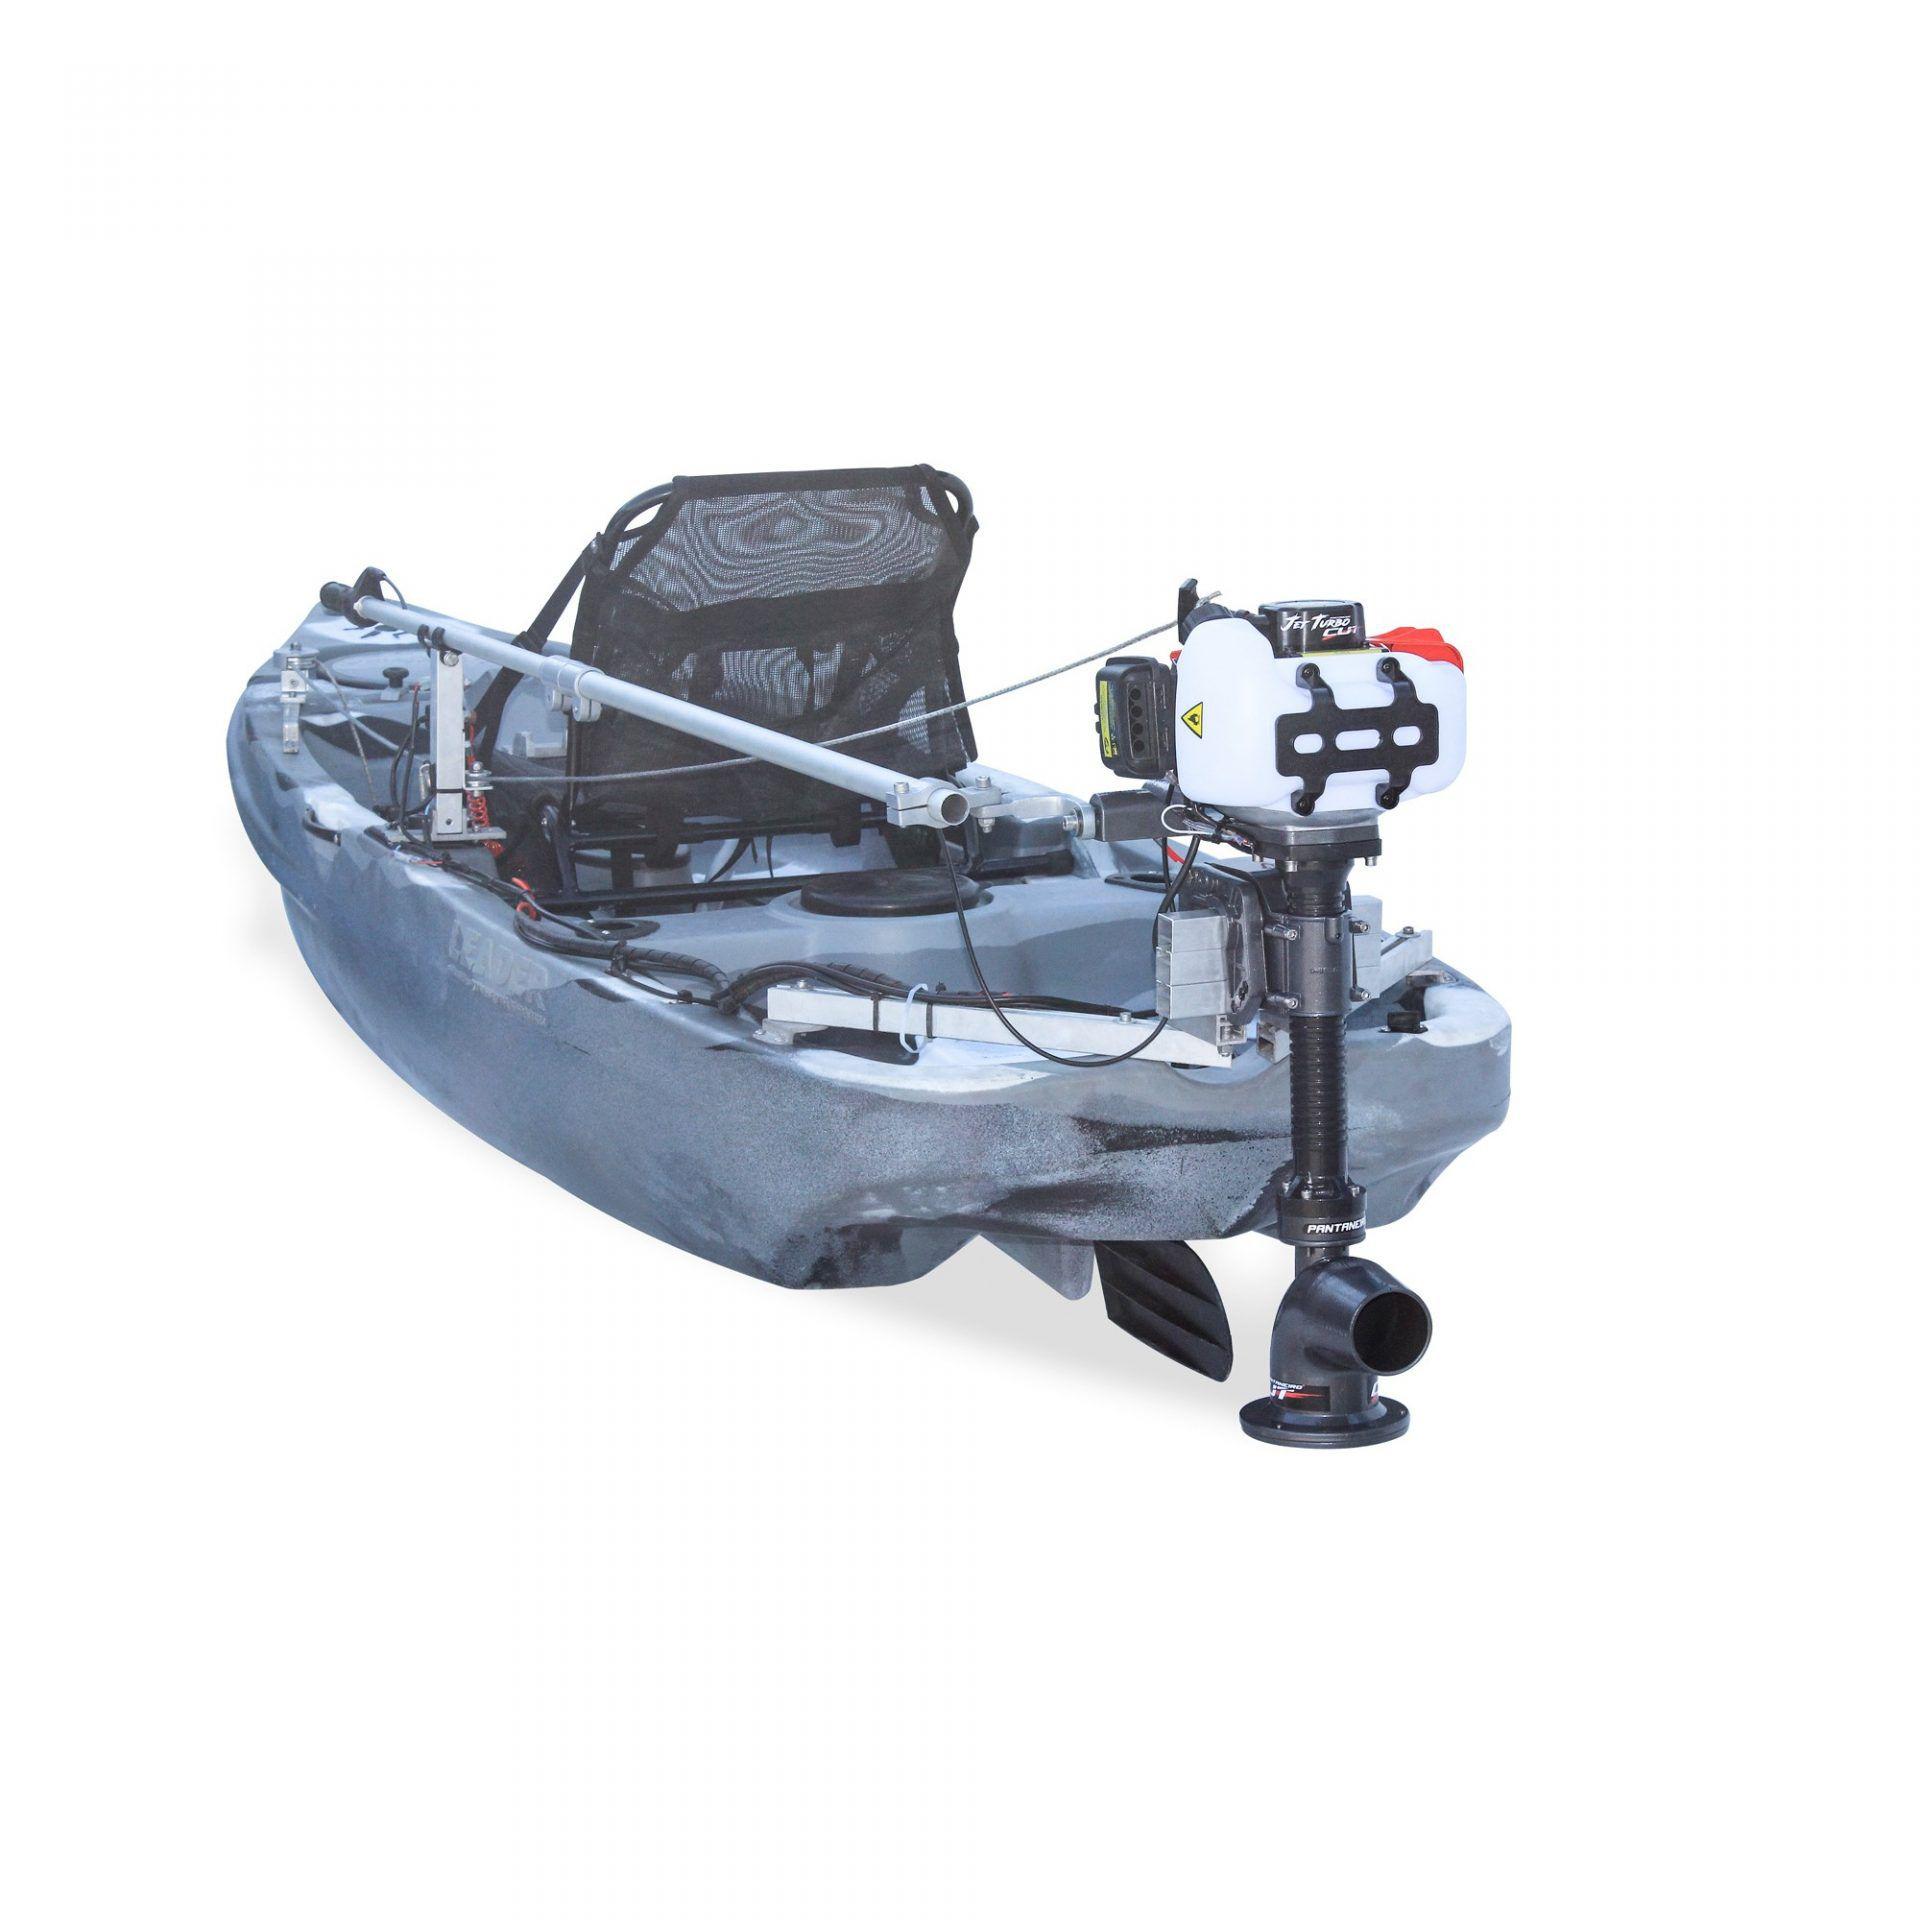 Kit Jet Turbo Cut Pantaneiro + acelerador remoto + Suporte traseiro Universal em